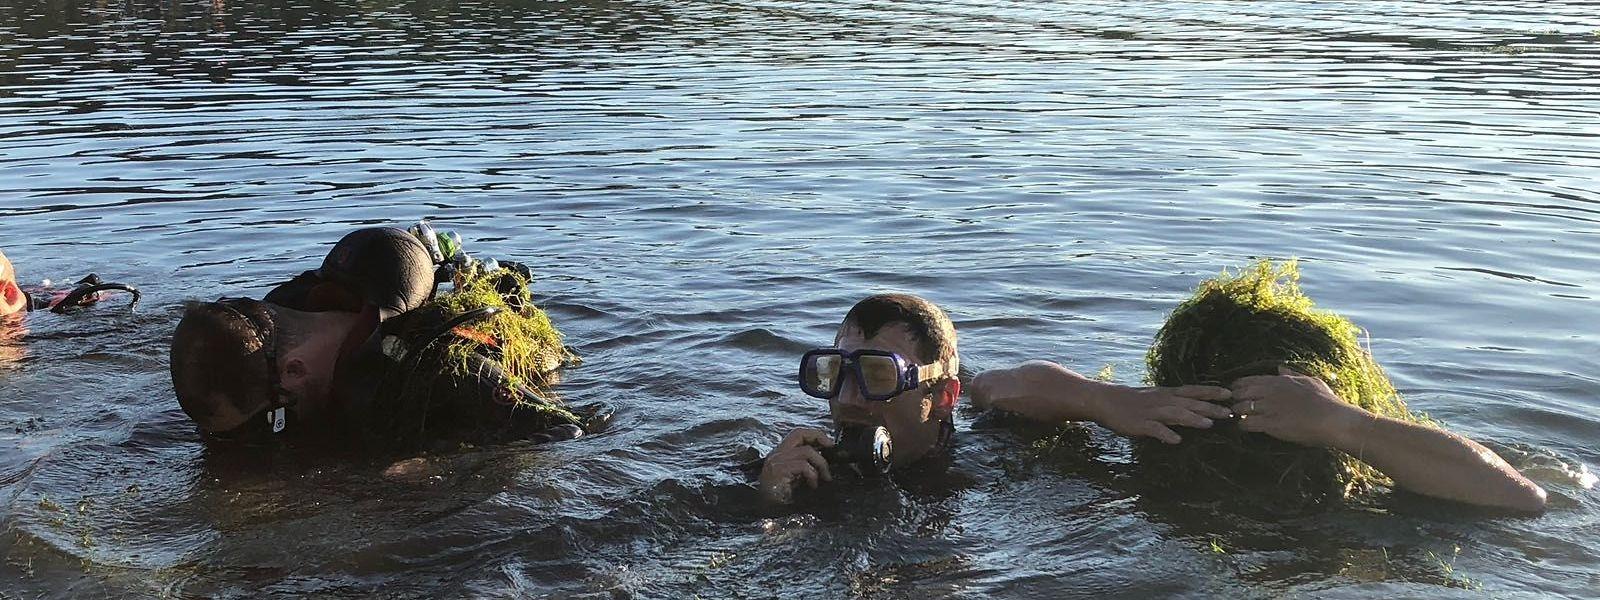 """Os mergulhadores tiveram dificuldades para resgatar o corpo do búlgaro de 53 anos, por causa da """"wasserpest"""" (praga de água), plantas aquáticas que infestam o lago de Remerschen."""